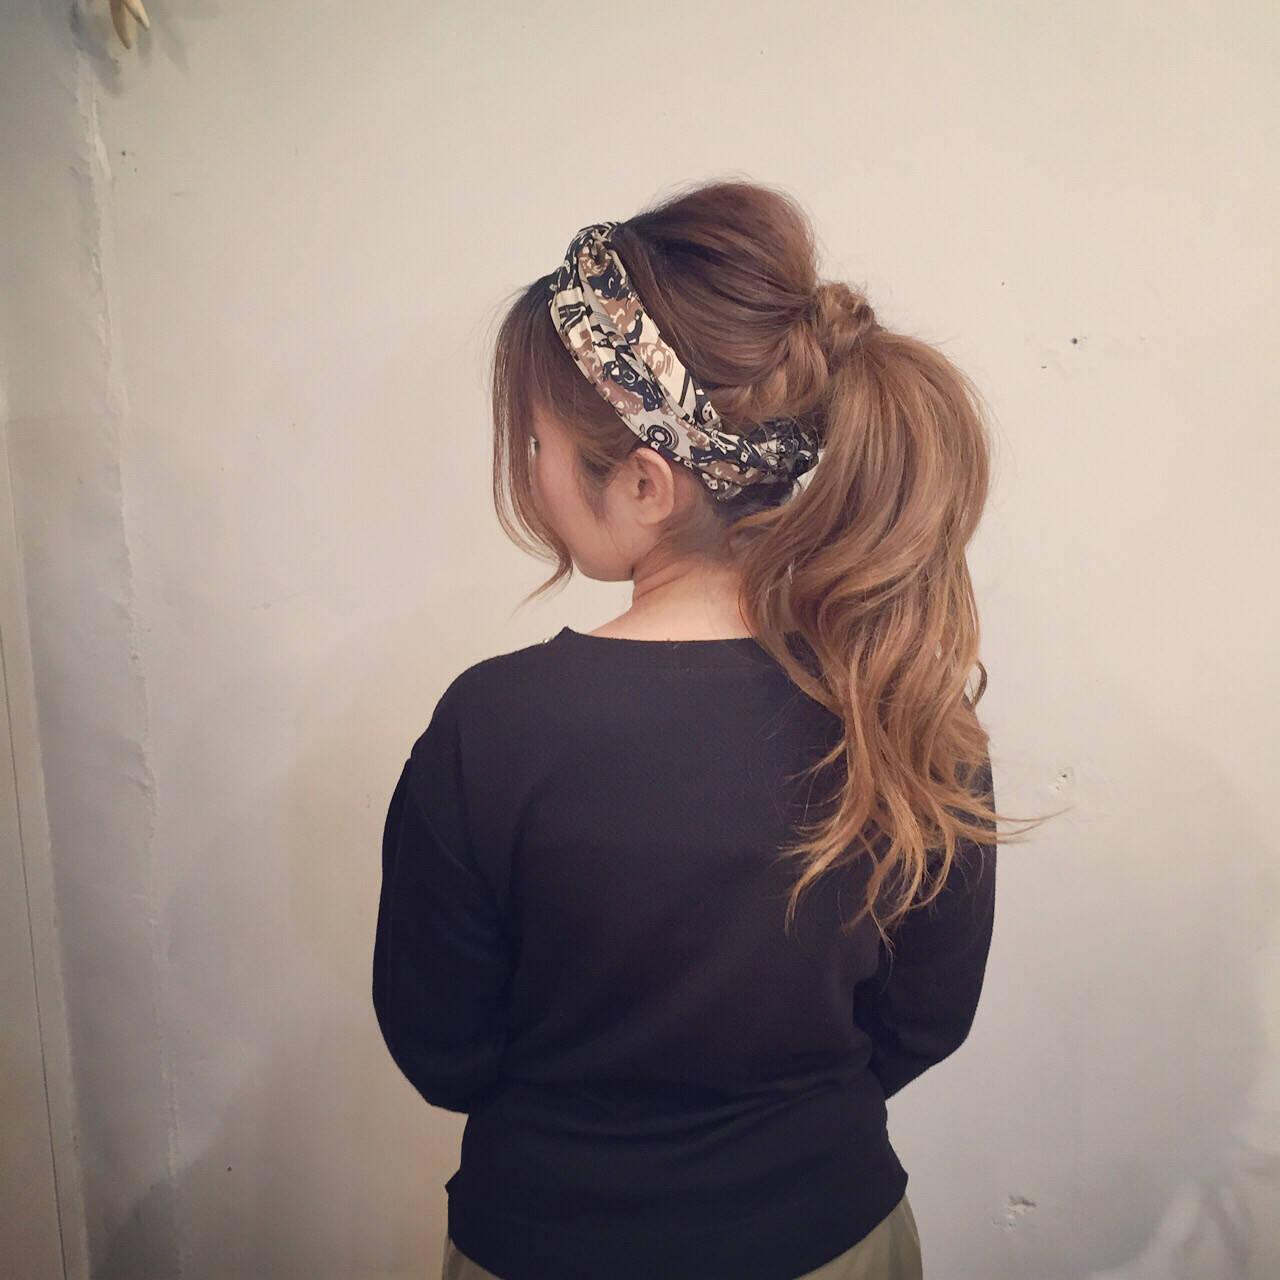 スカーフアレンジ セミロング ヘアセット ナチュラルヘアスタイルや髪型の写真・画像